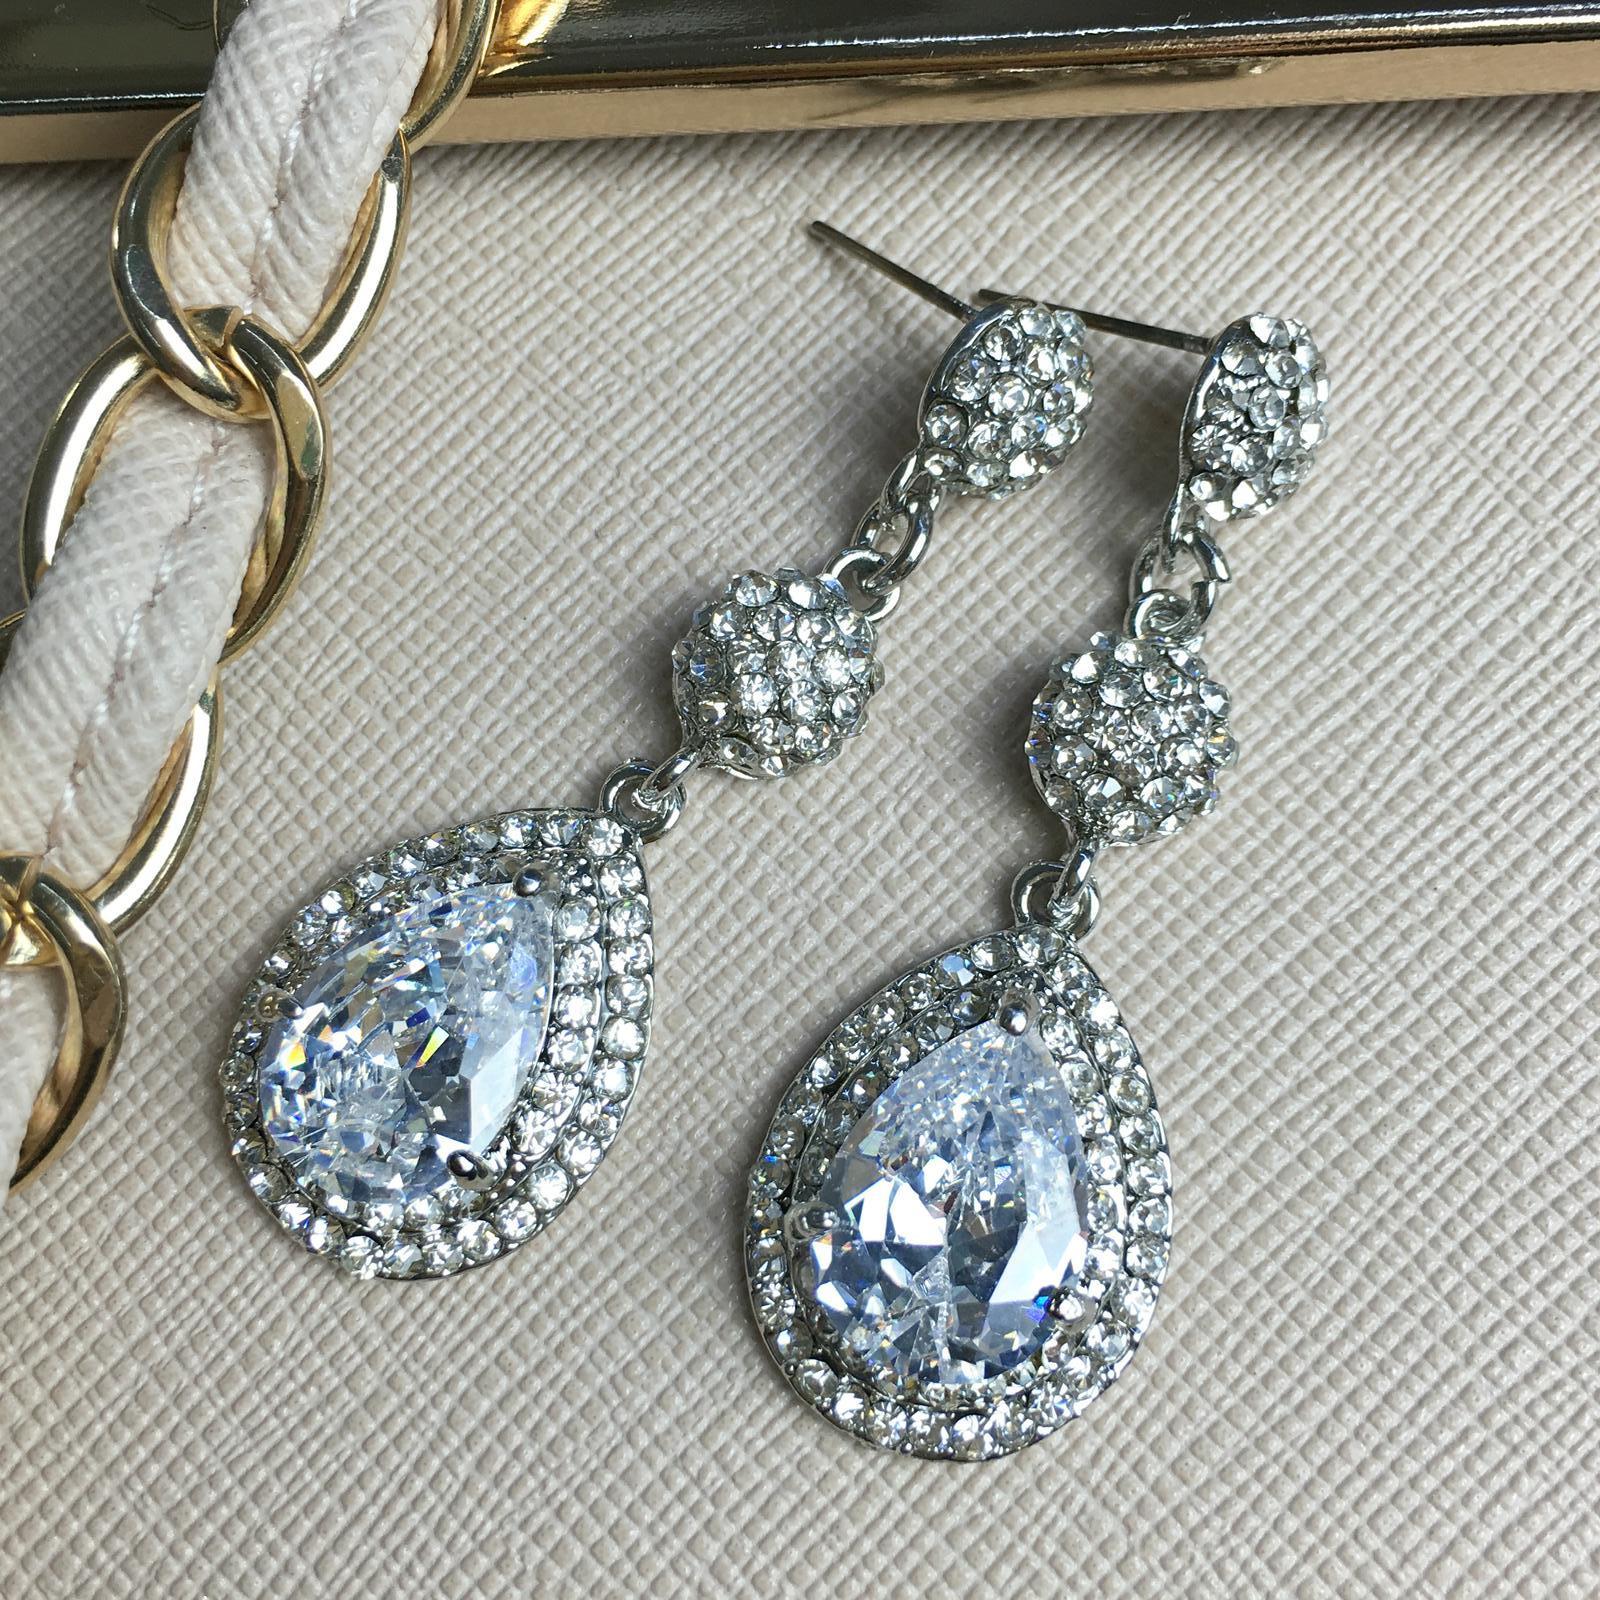 Šperky NA SKLADE - real foto - Obrázok č. 11